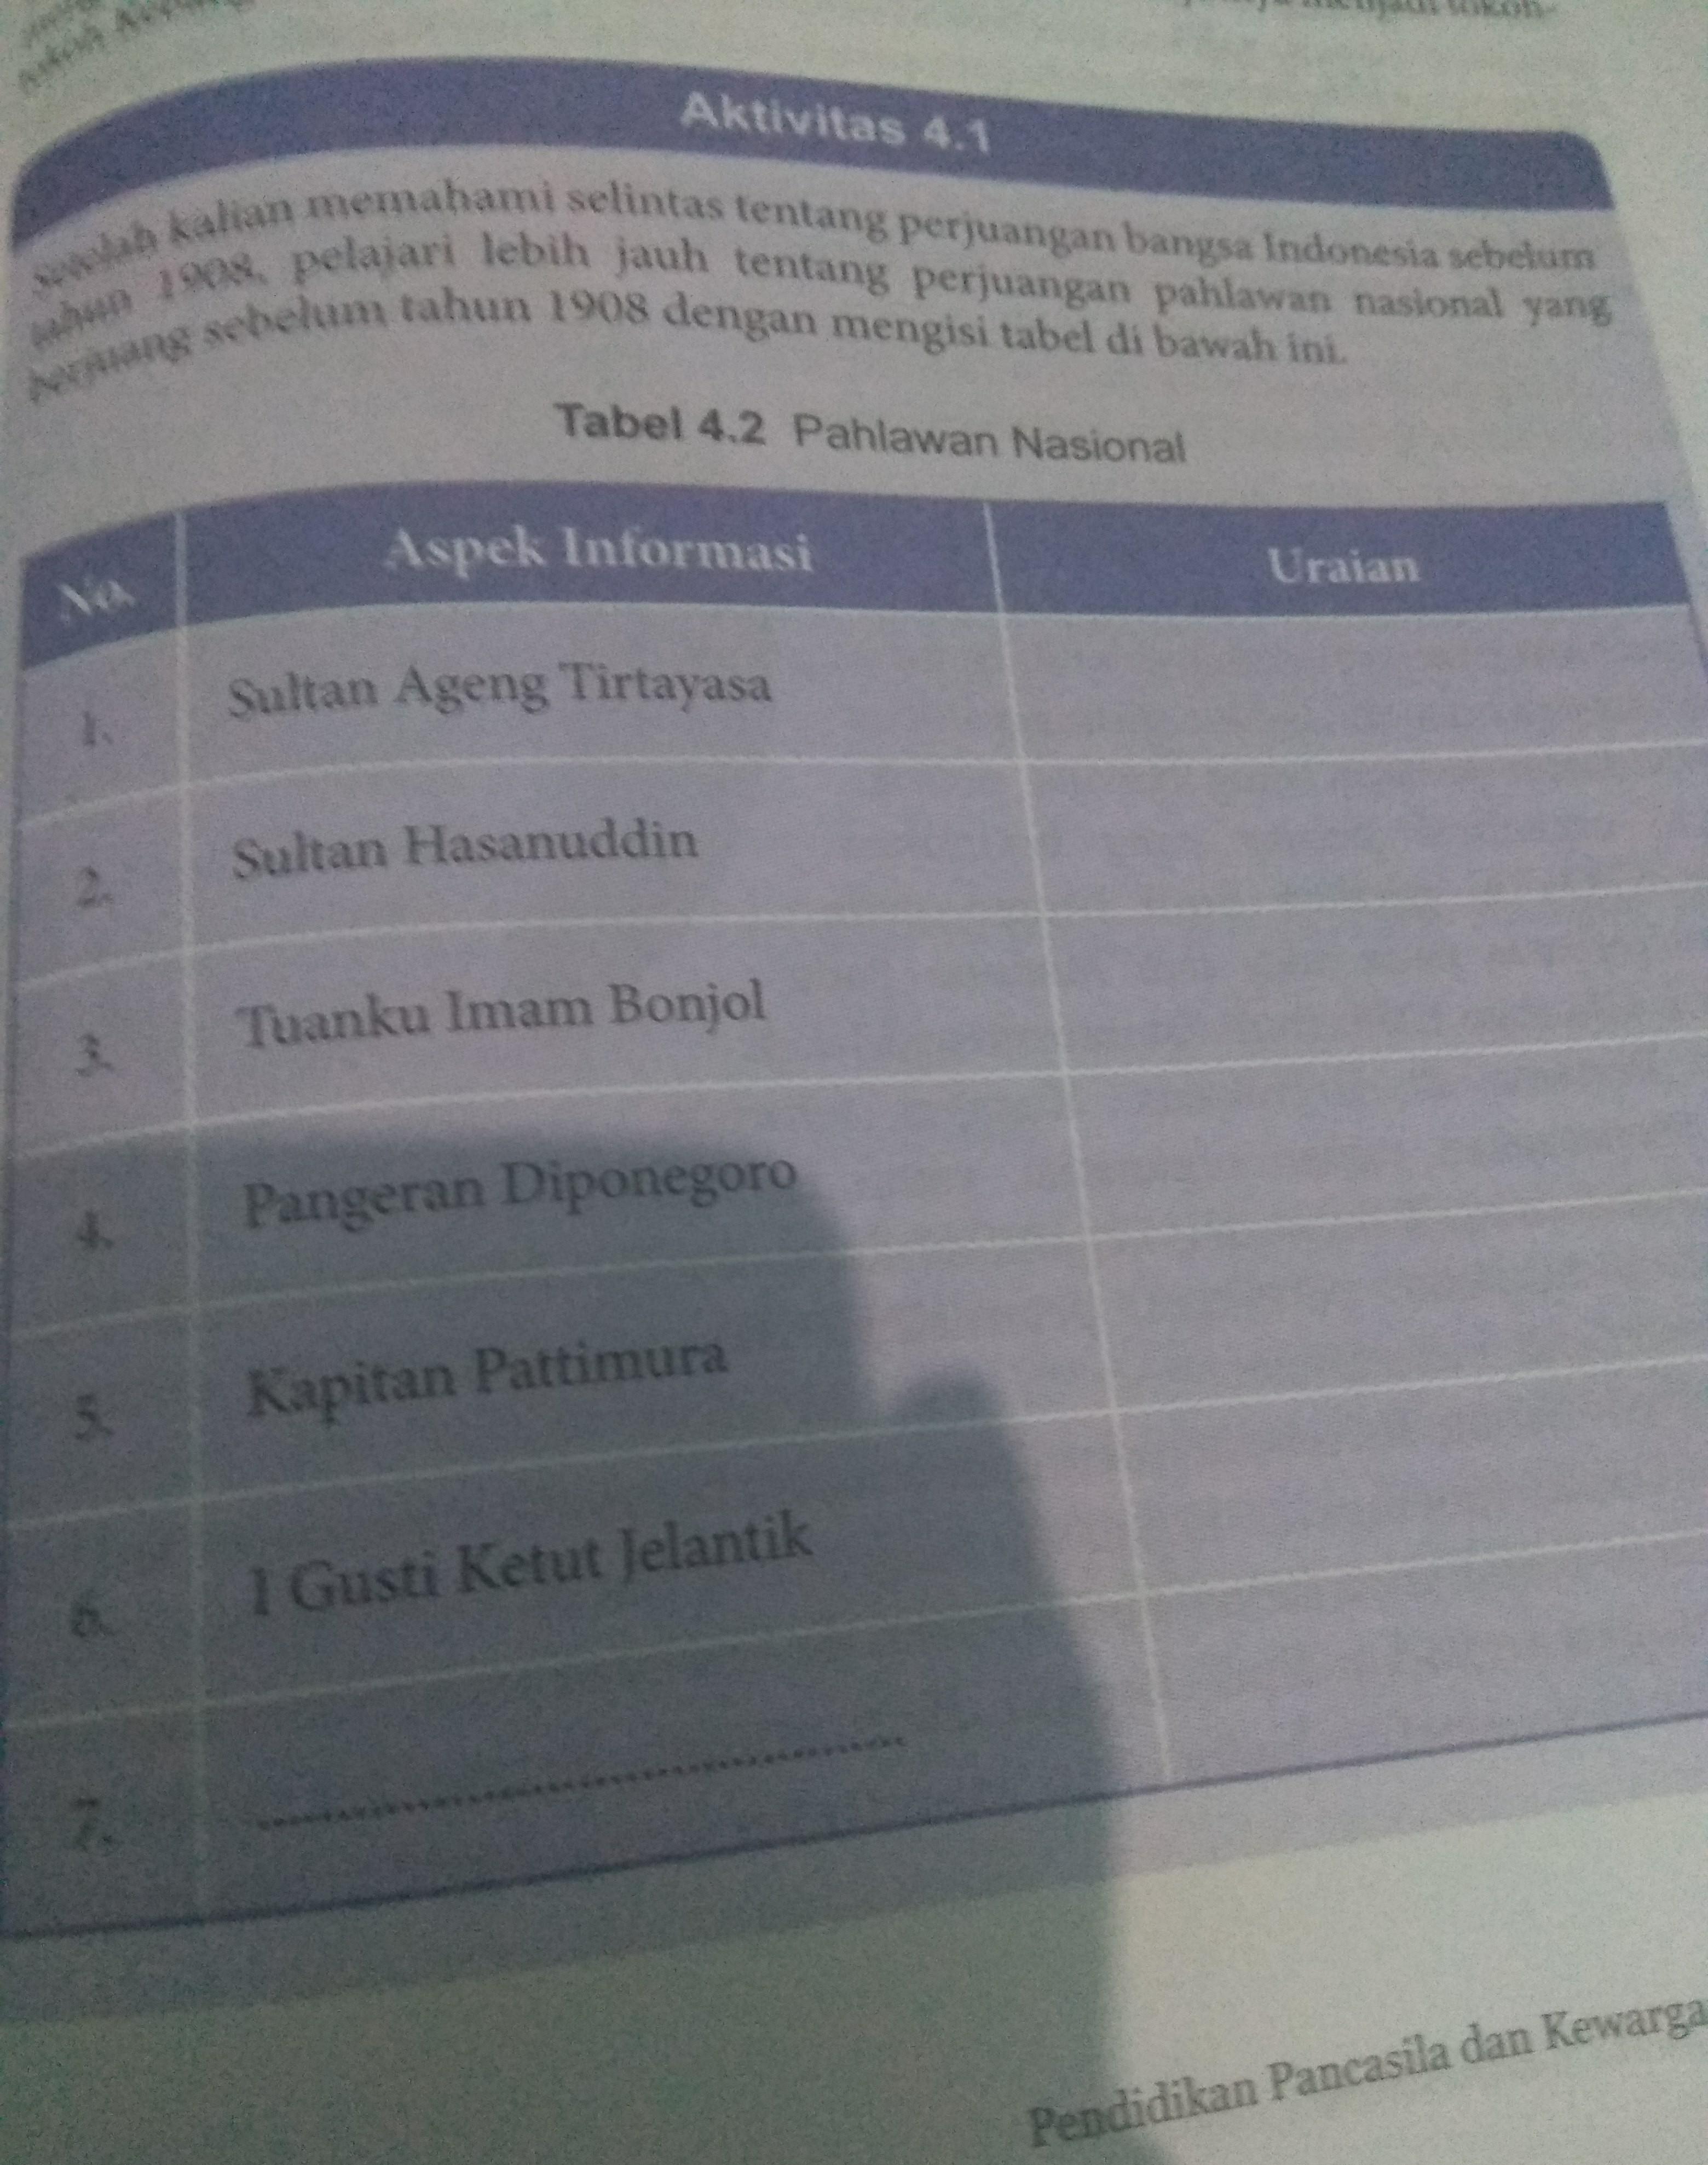 34 Provinsi Pahlawan Nasional Indonesia gambar keterangan